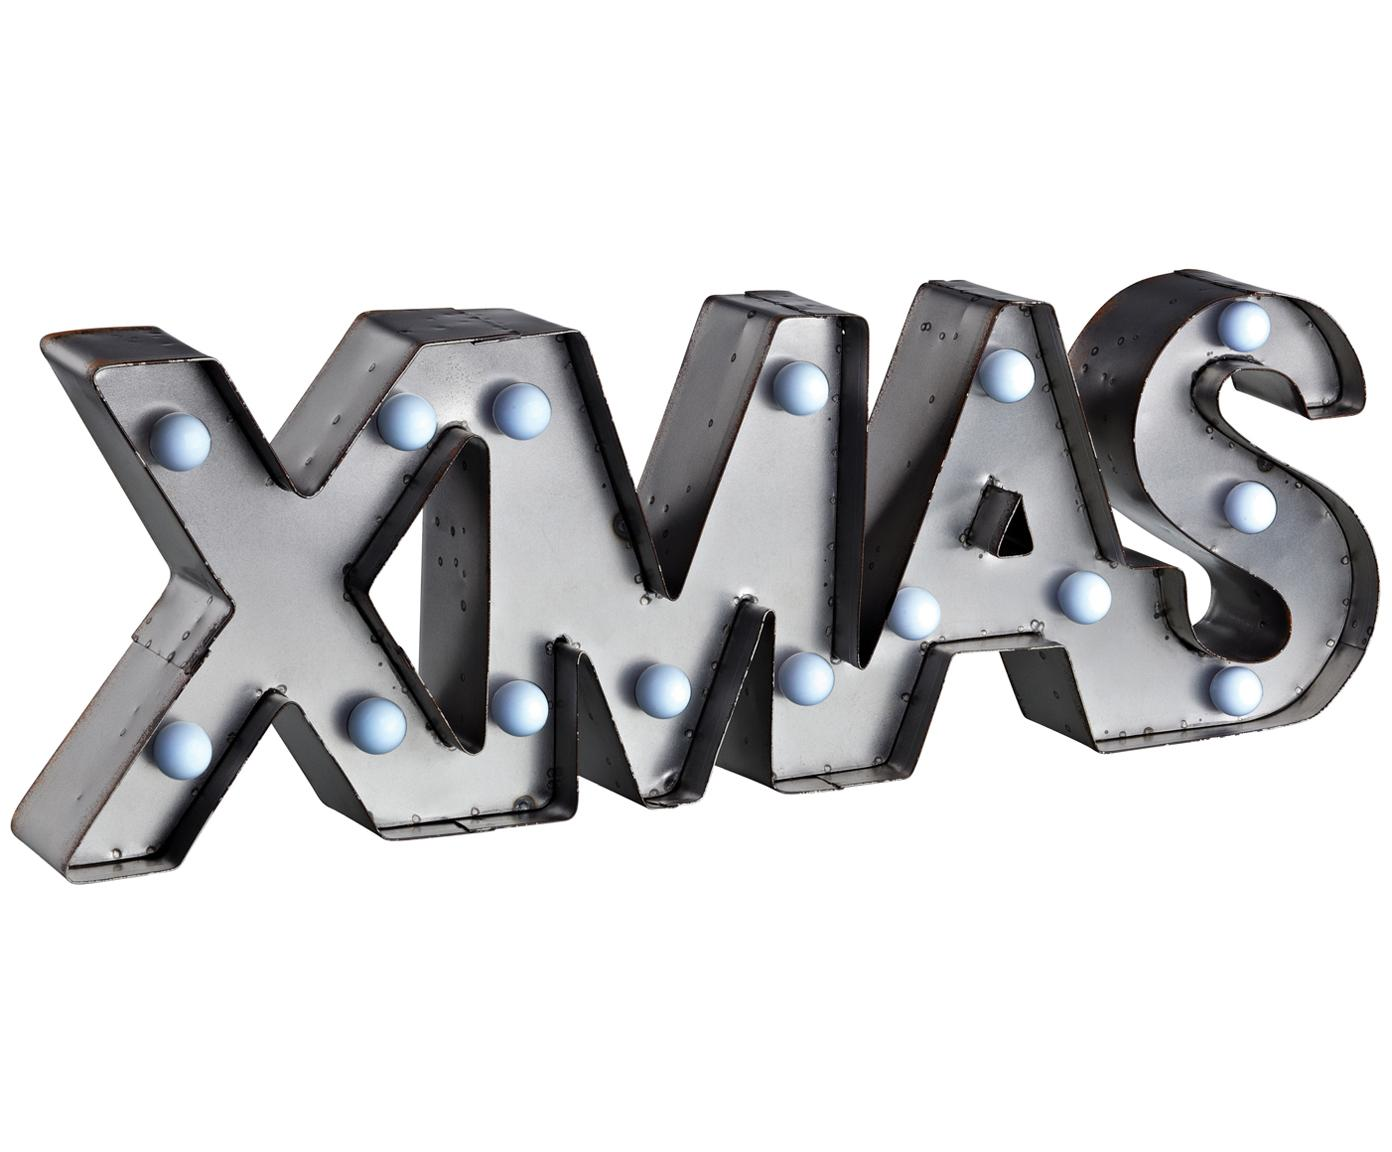 LED-Leuchtobjekt XMAS, Metall, lackiert, Grau, 47 x 16 cm